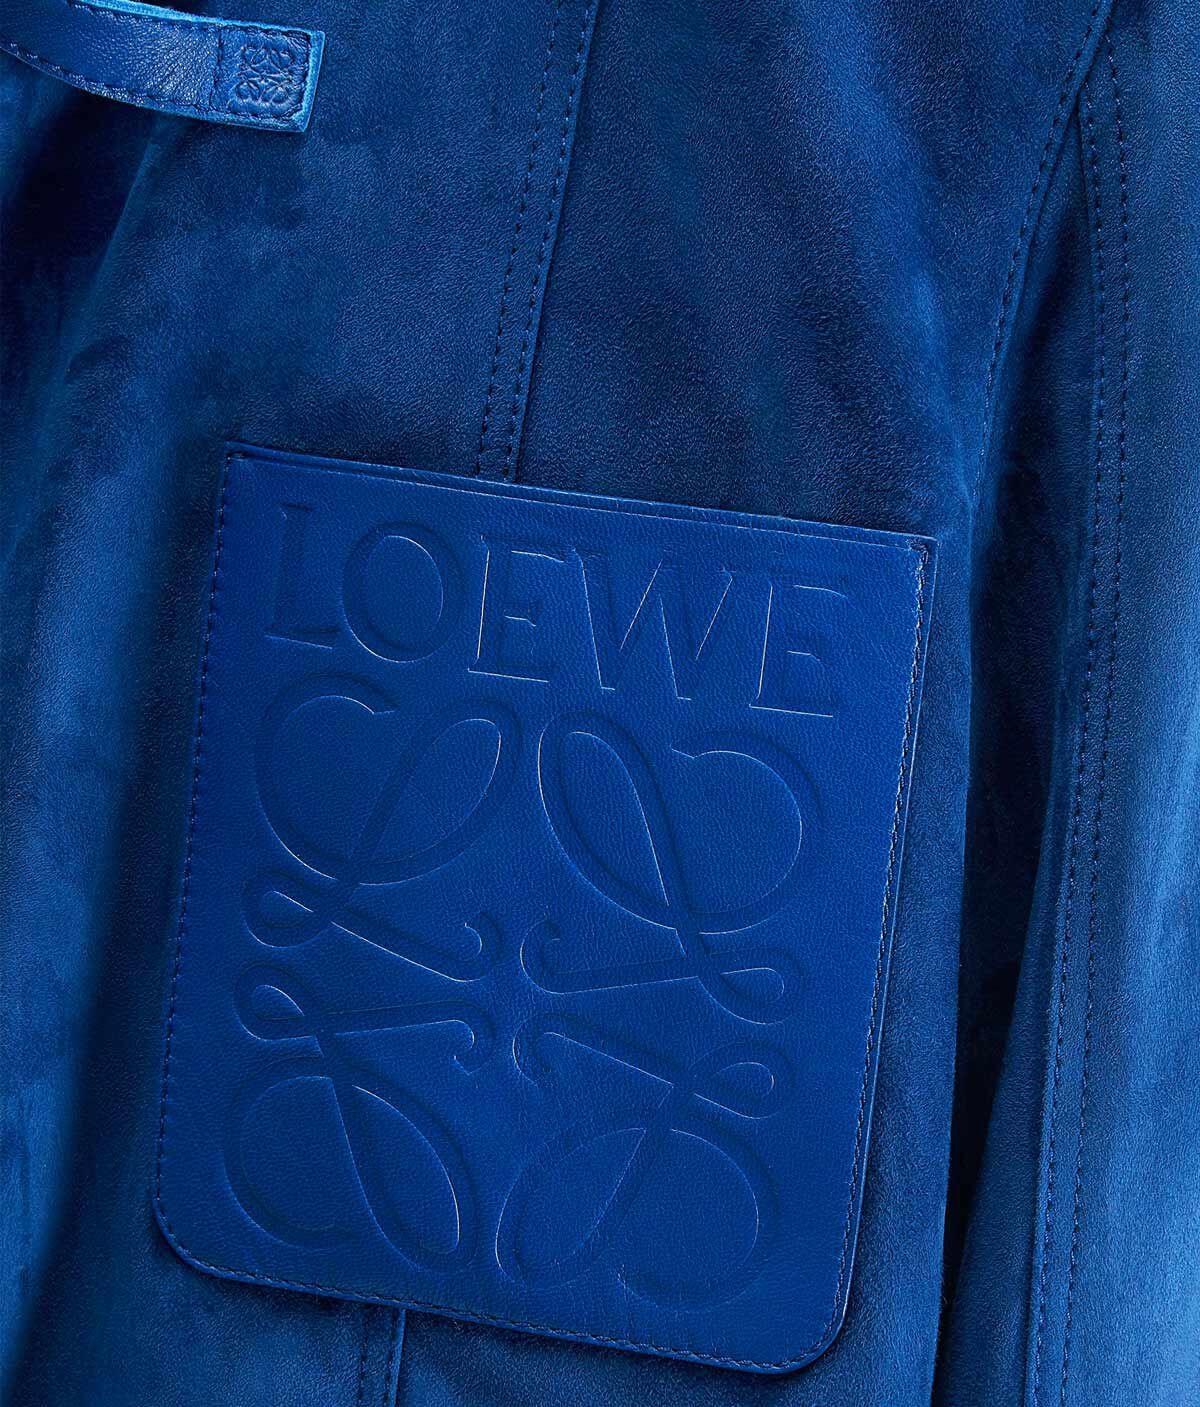 LOEWE Chaqueta Corta Azul Royal Oscuro all